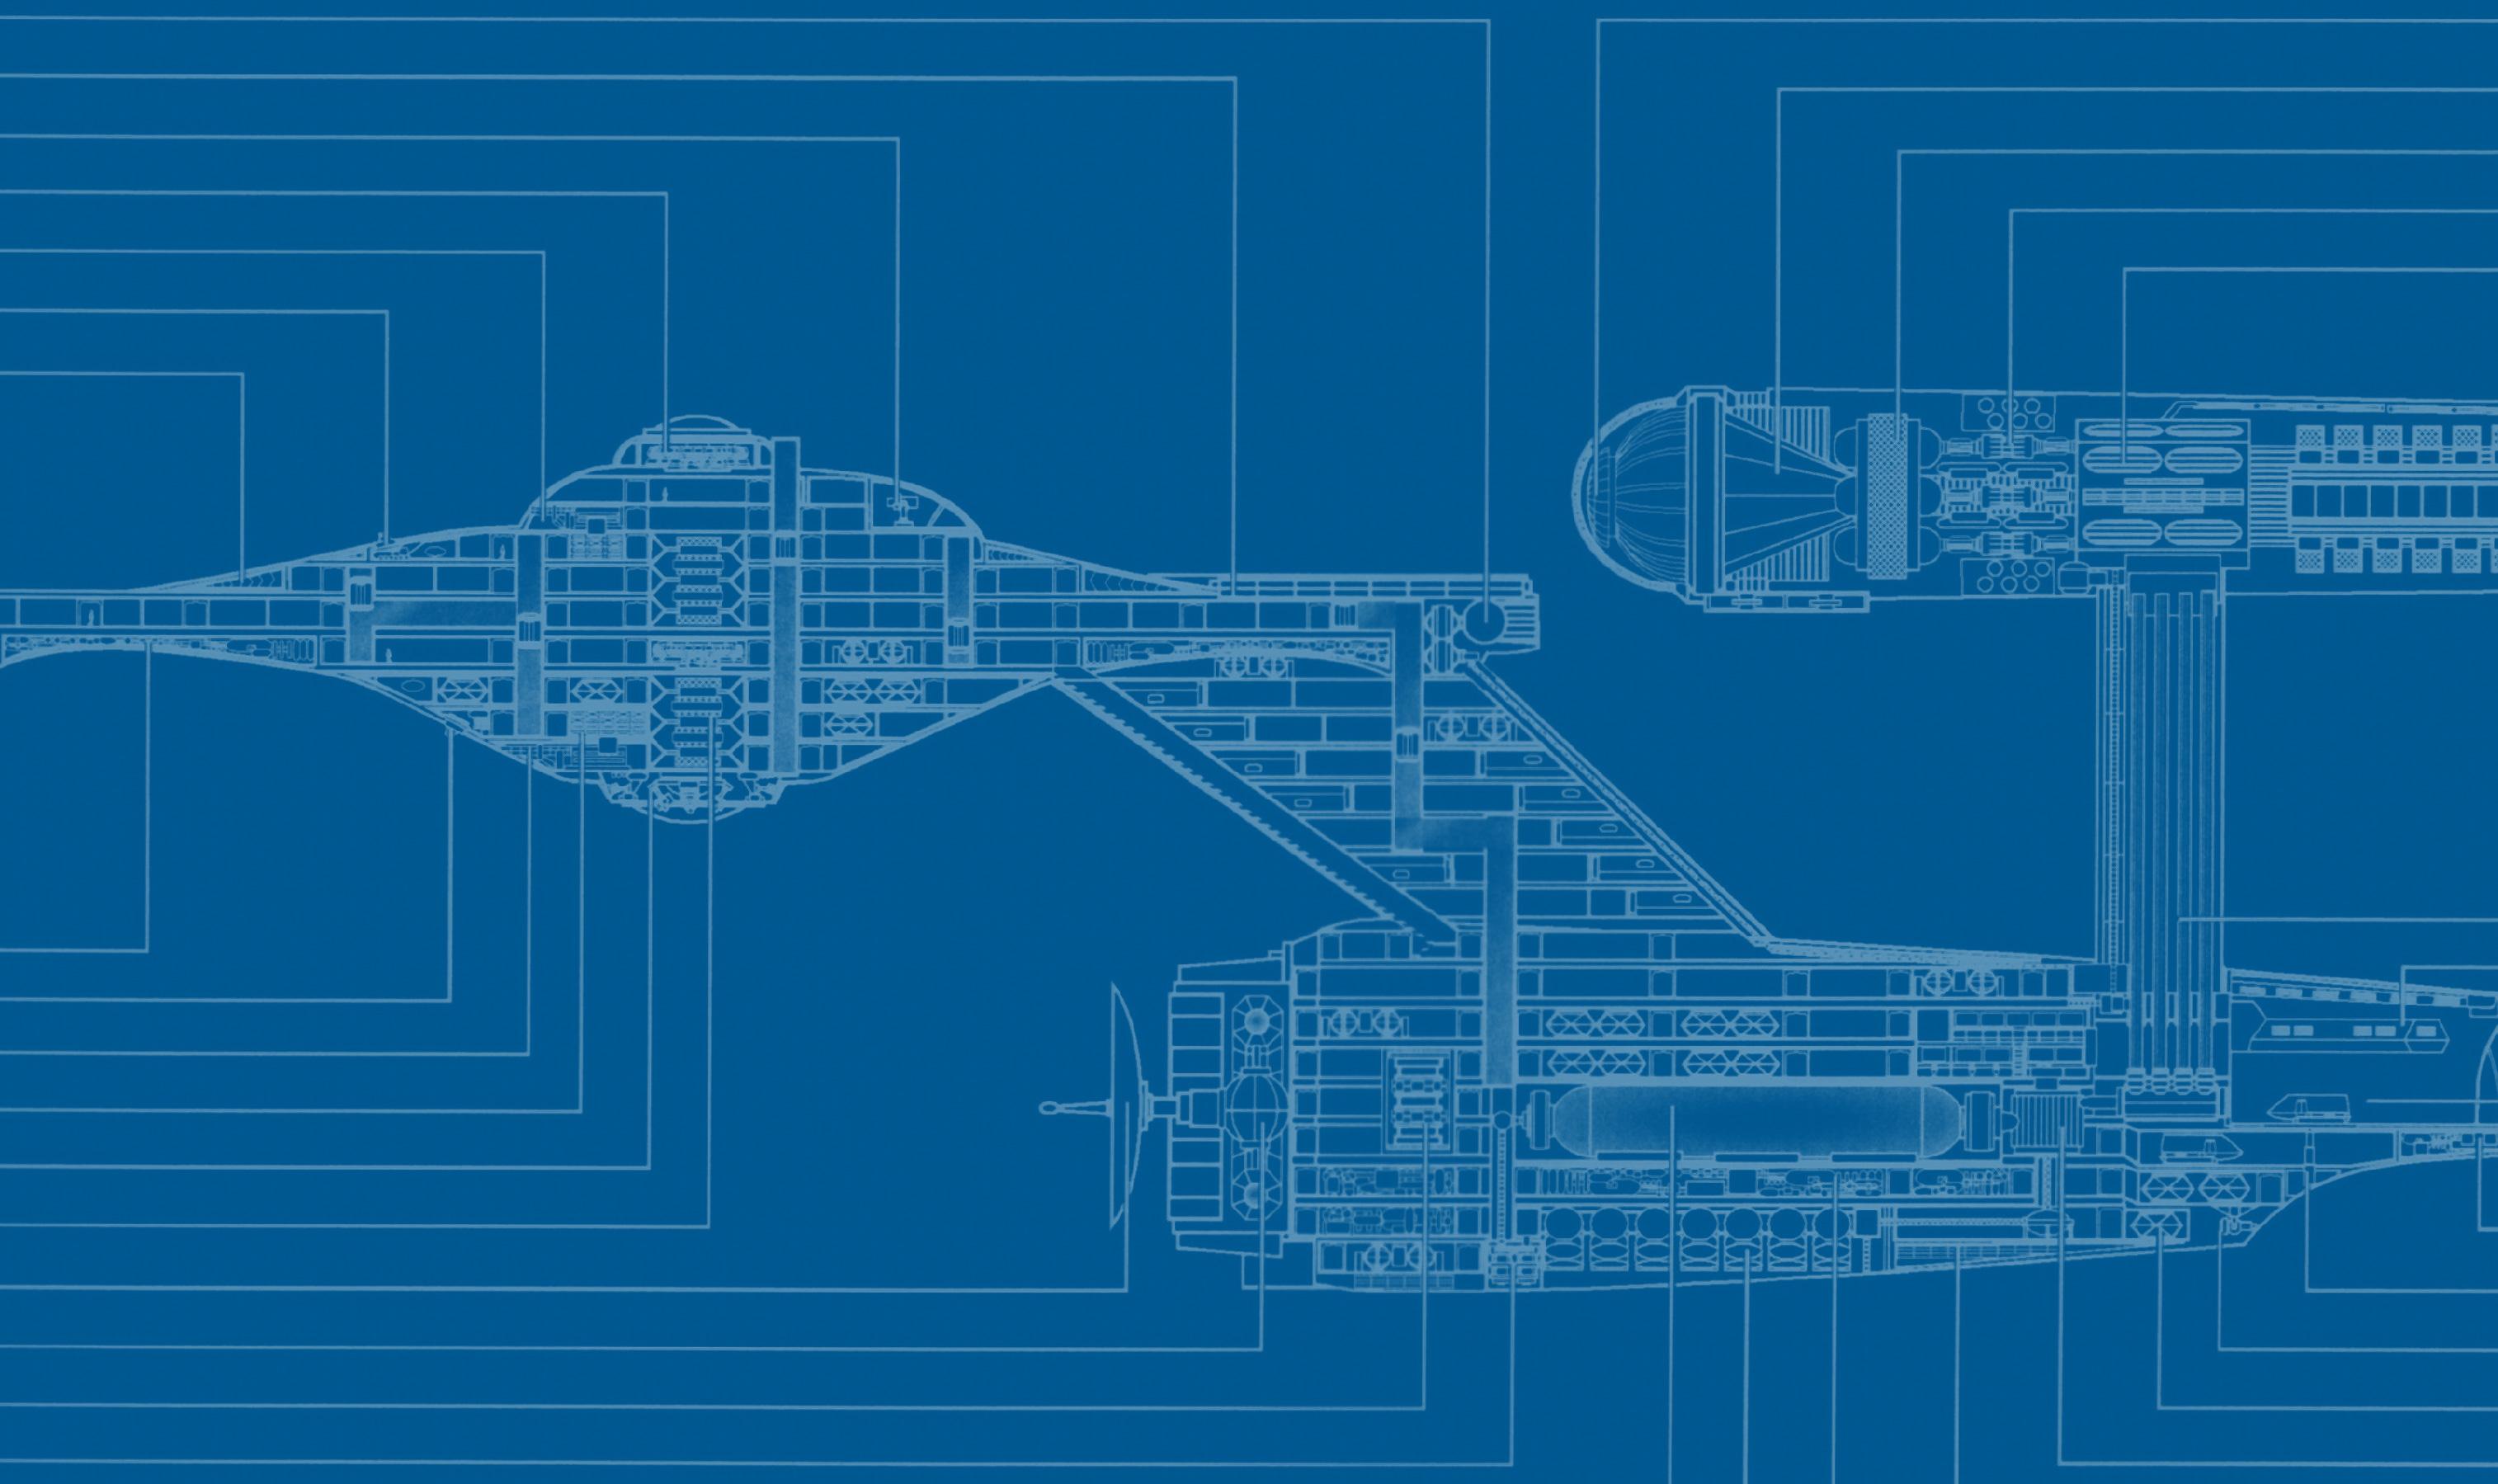 Il restauro della USS Enterprise